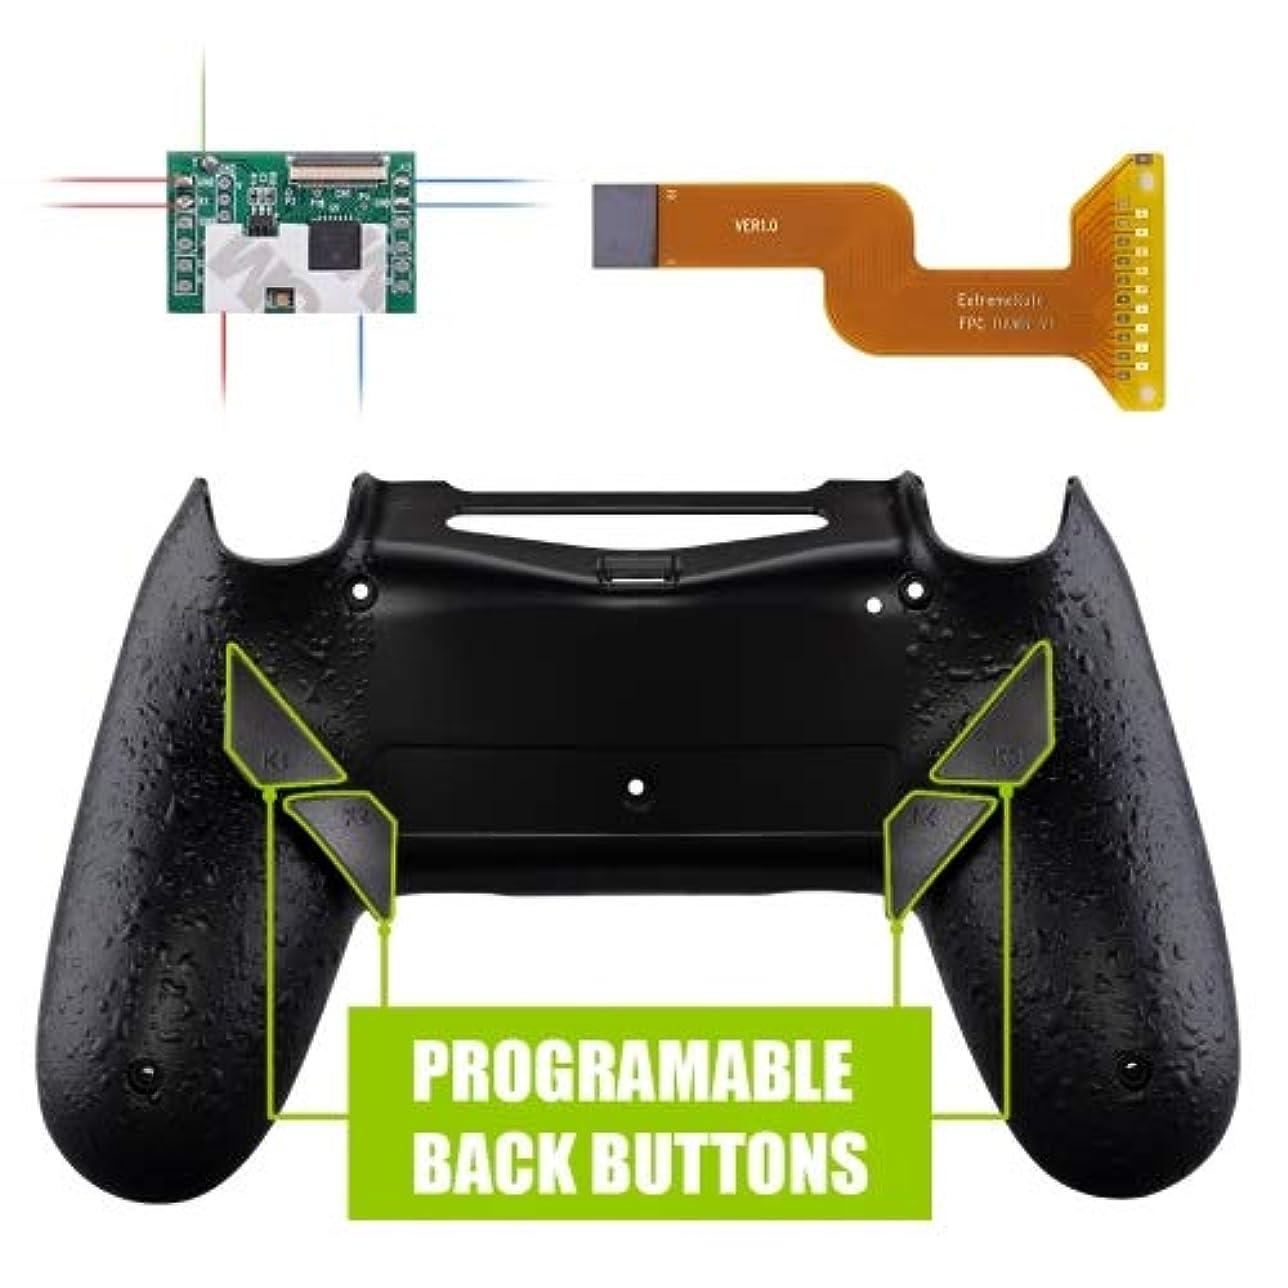 アメリカ申し立てられた登場PS4 コントローラー用 リマッピング機能&背面ボタン付きバックシェル テクスチャードブラック【適合型式 CUH-ZCT2(JDM-040/050/055)】 [並行輸入品]